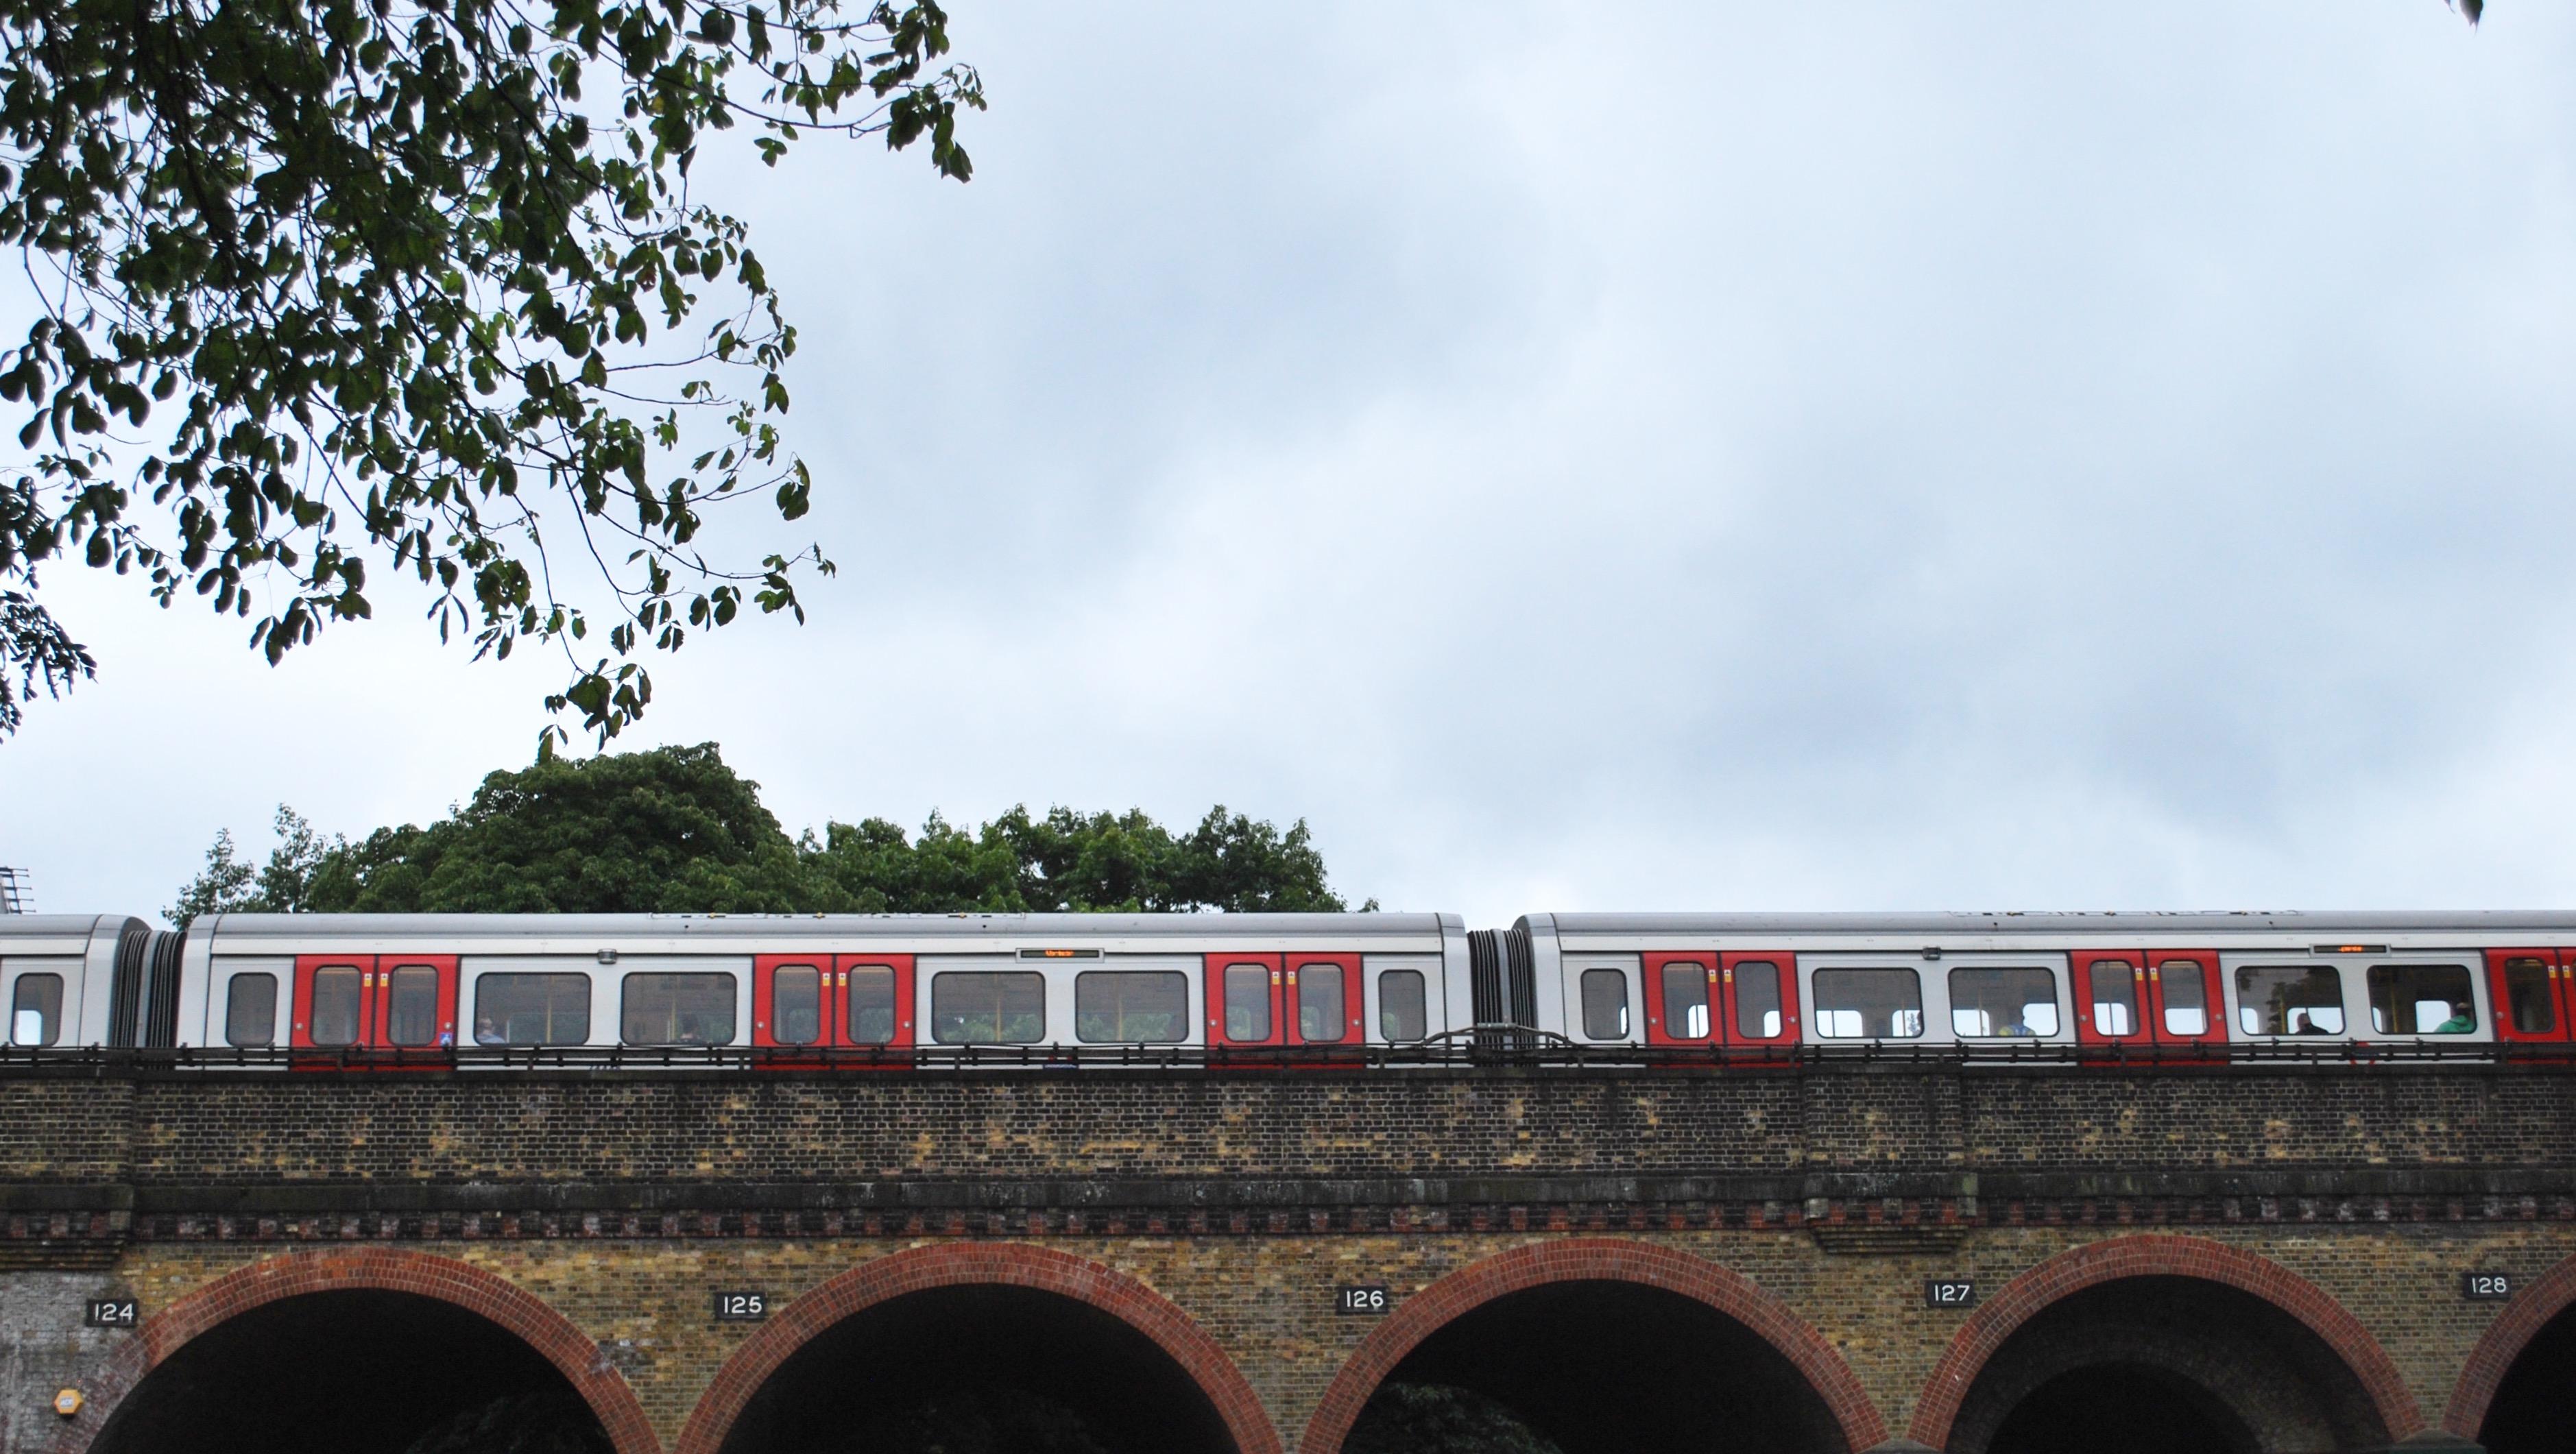 train in west london